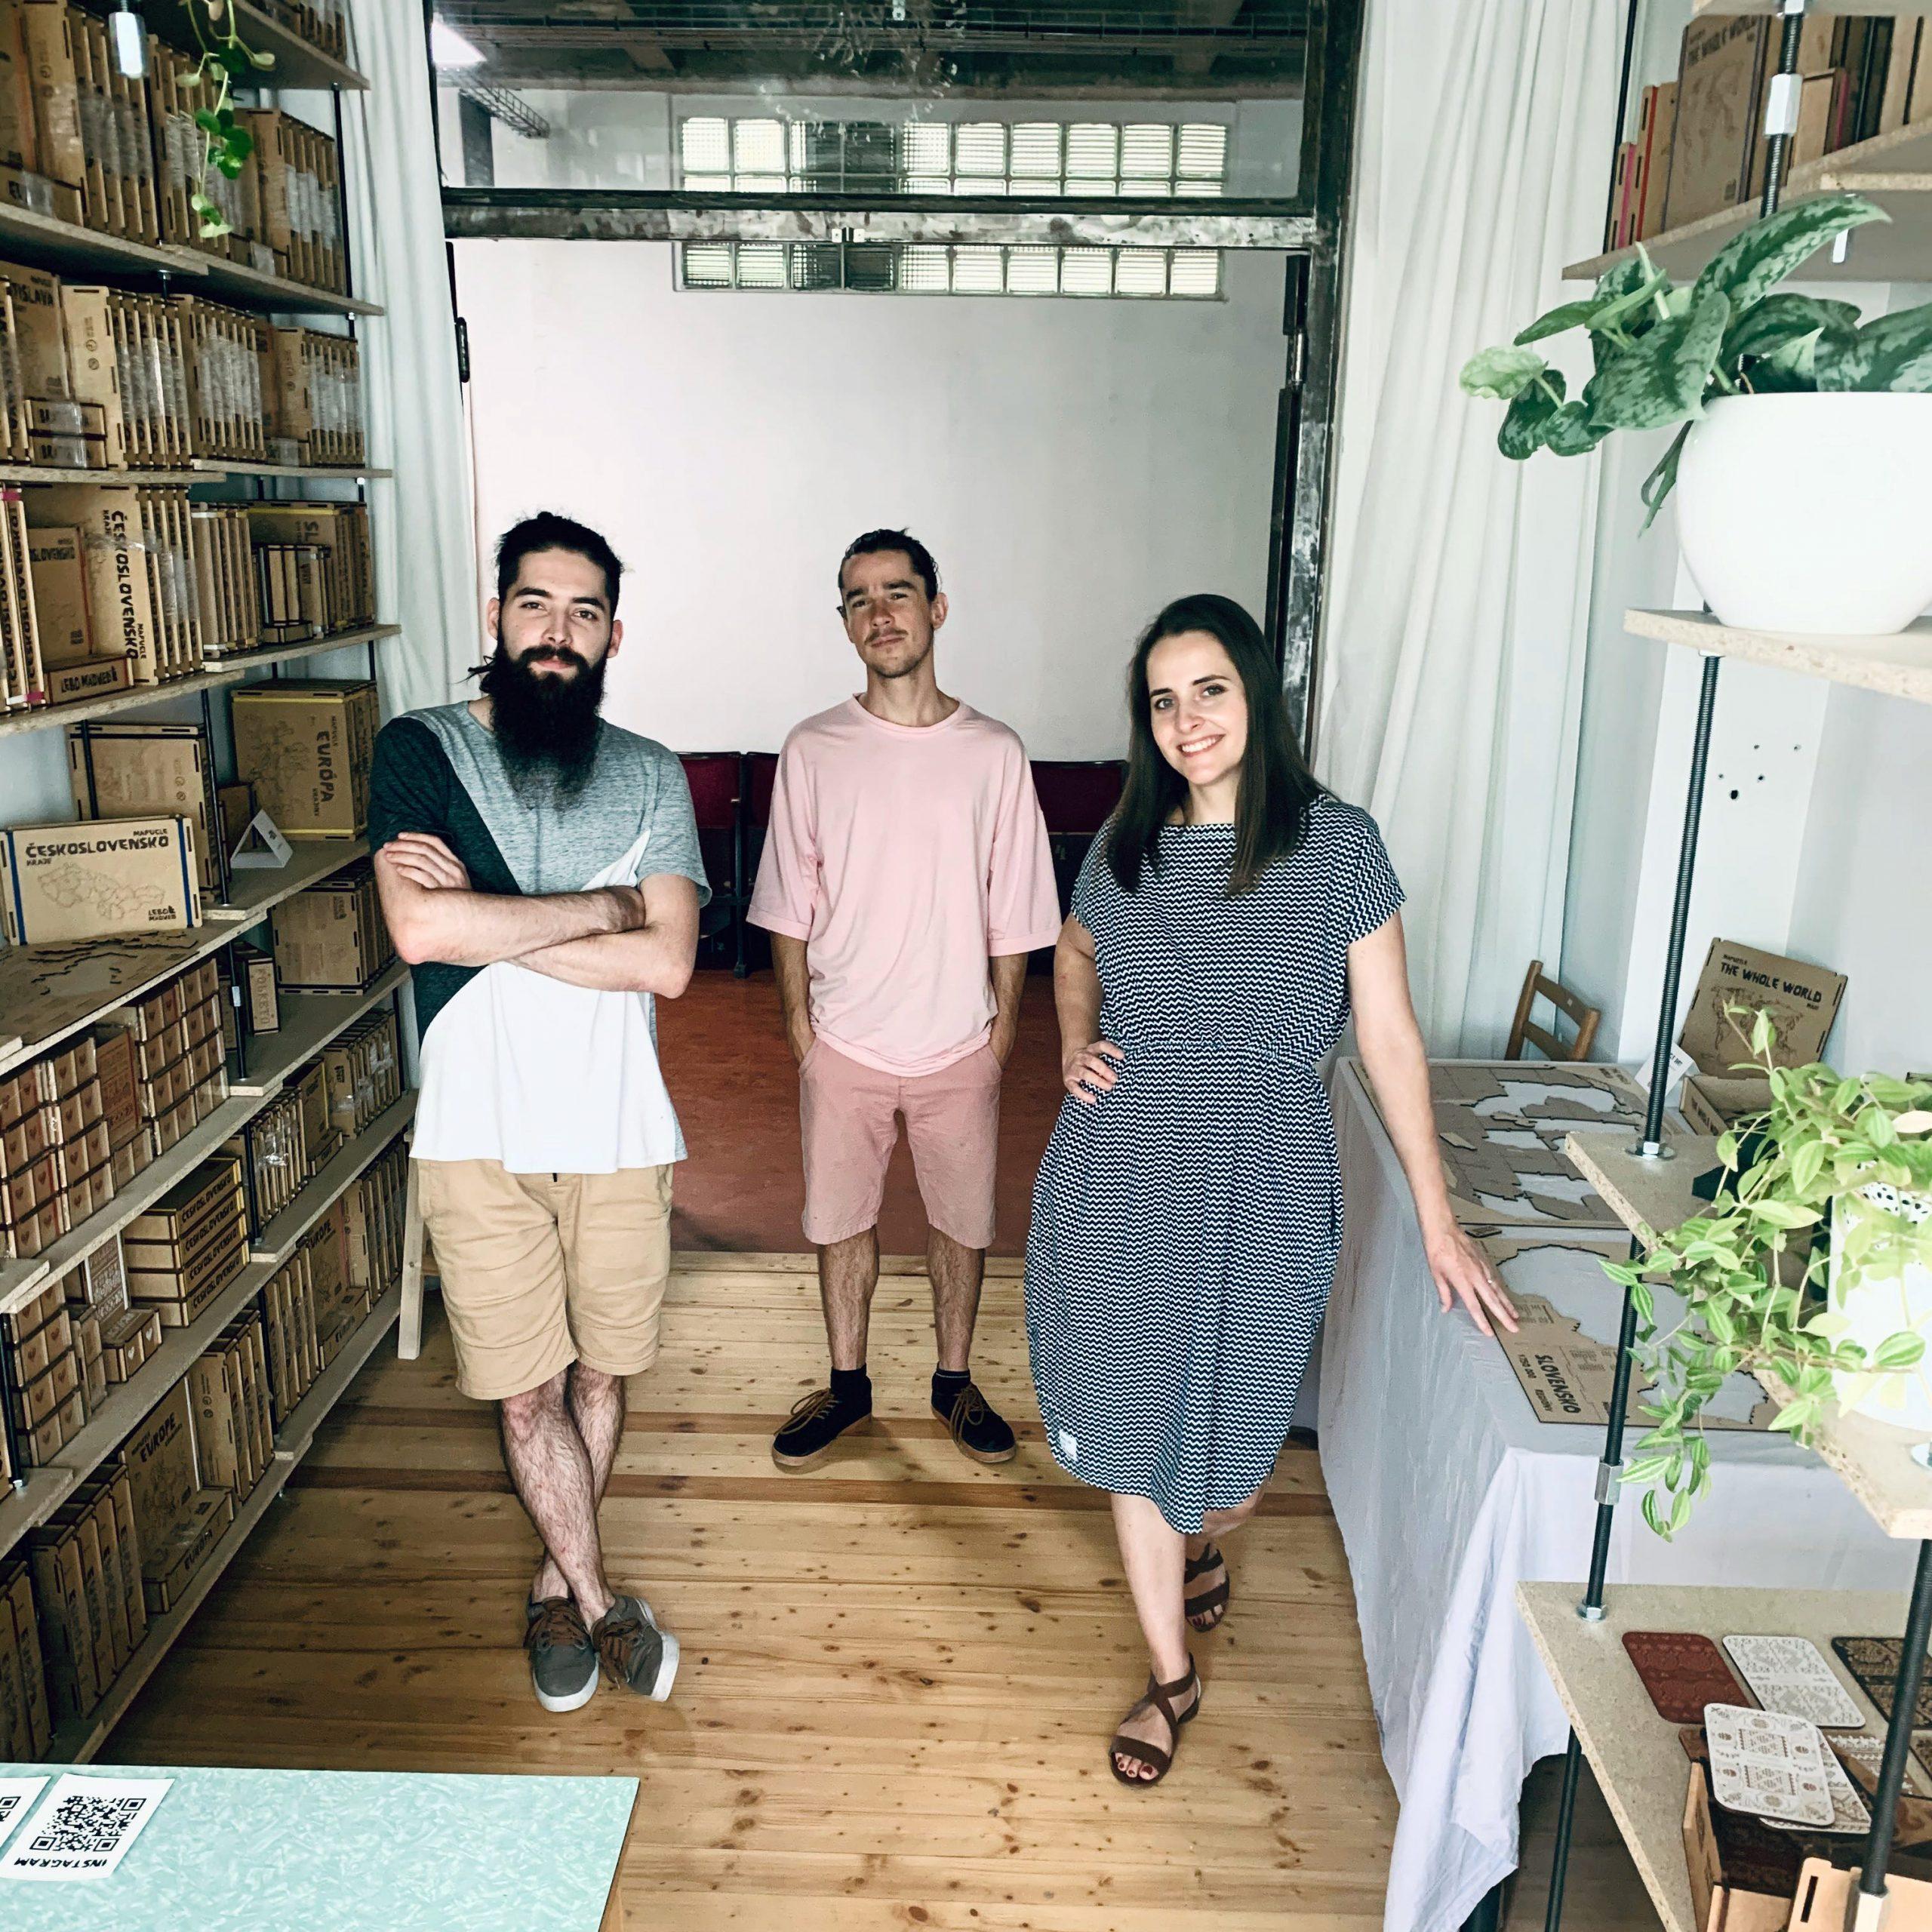 Juraj Horňák, Erika Beňuška a Patrik Olejňák počas otvárania nového ateliéru Lebo Mädveď